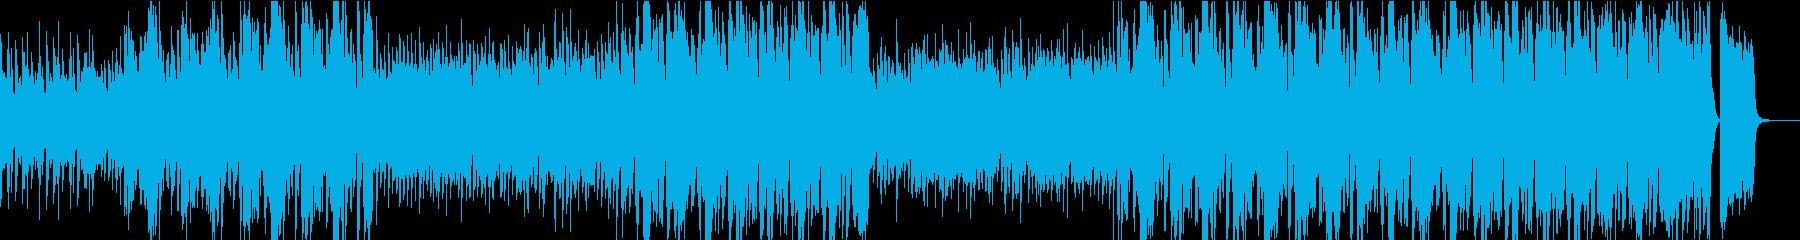 ノリの良いビッグバンドスイングジャズの再生済みの波形